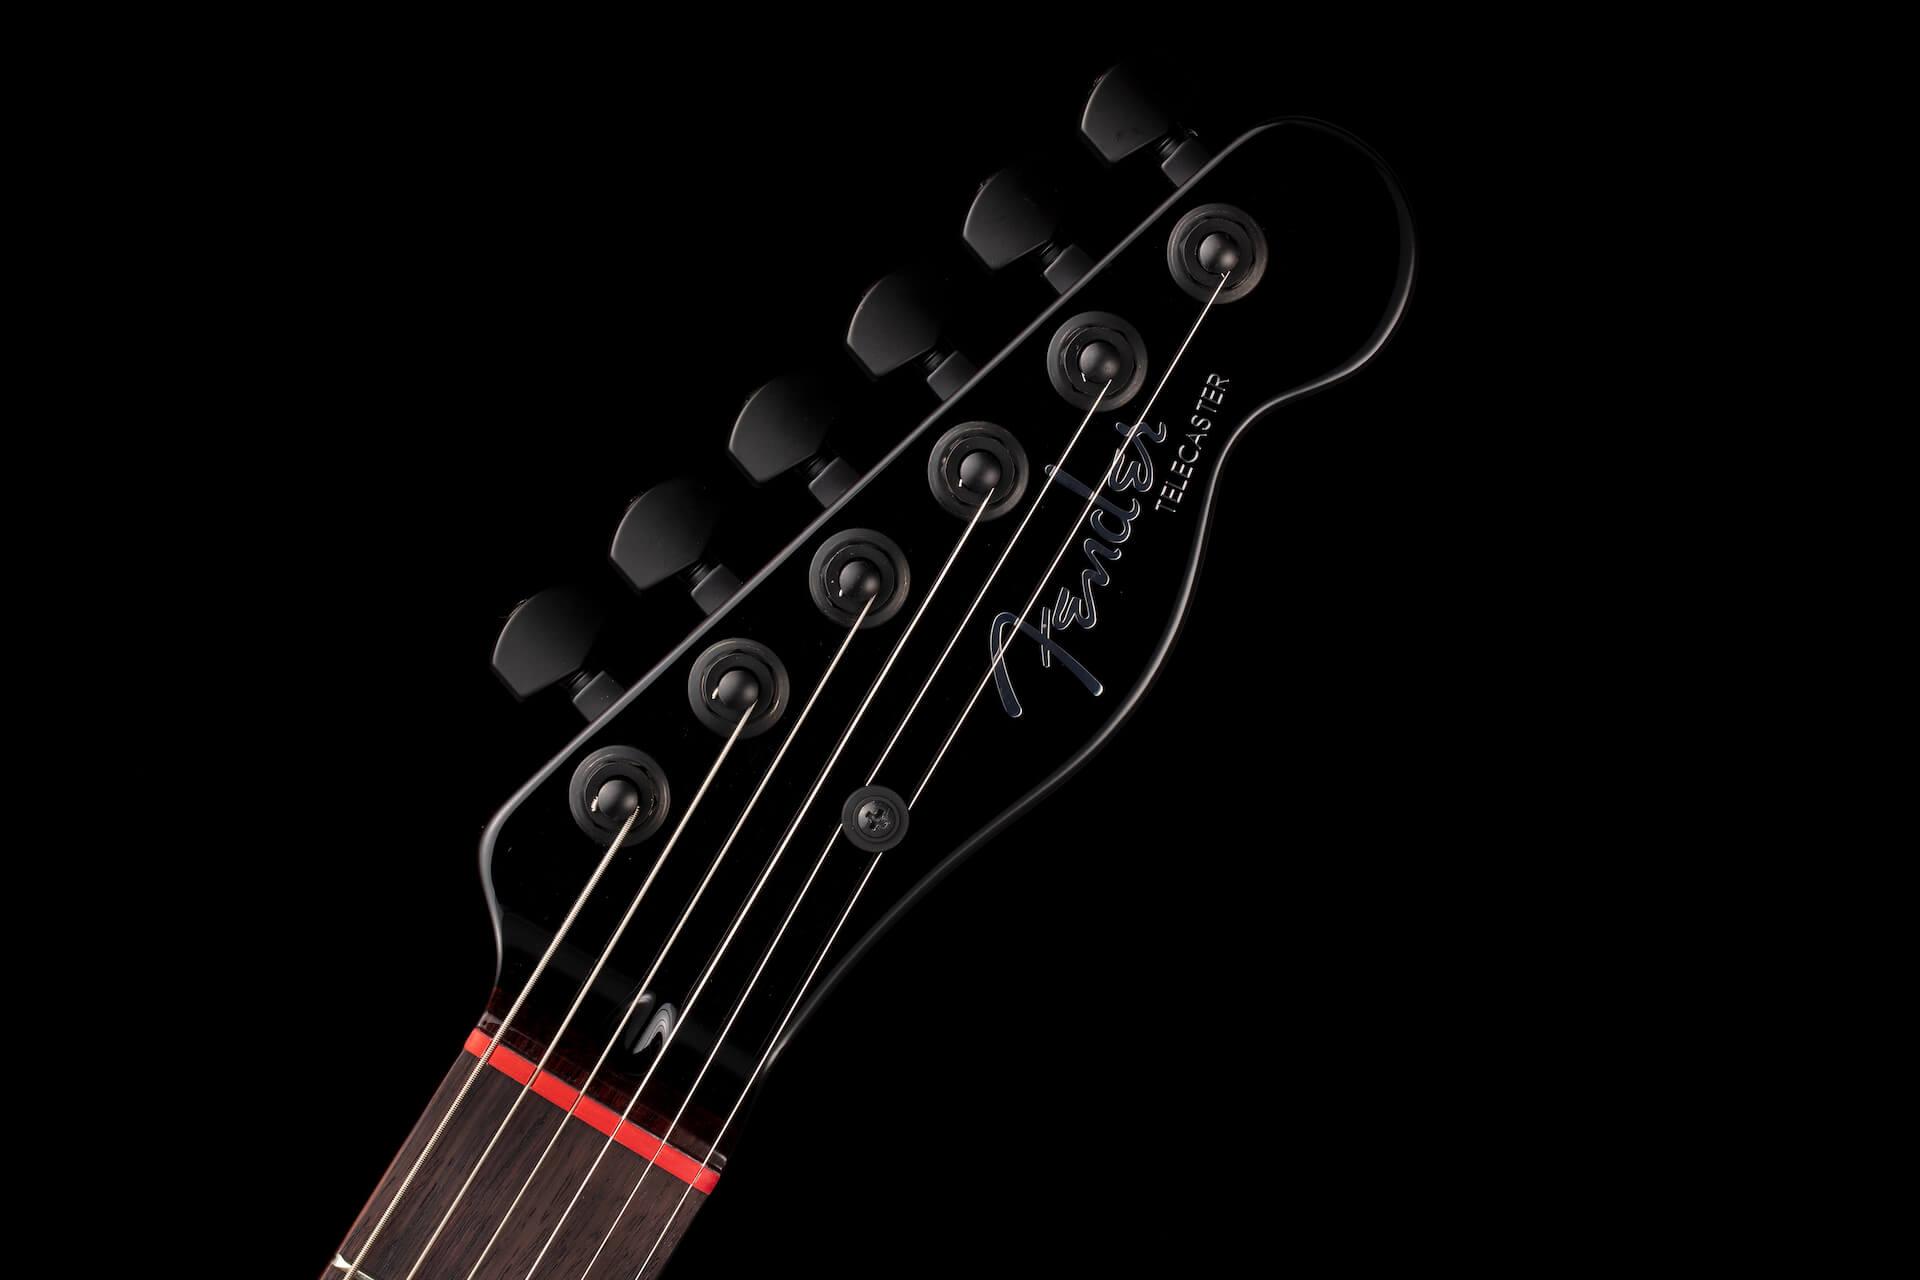 『シン・エヴァンゲリオン劇場版』アスカがエレキギターに!フェンダー特製TELECASTER(R)が年内数量限定生産で登場 ac200427_eva_telecaster_06